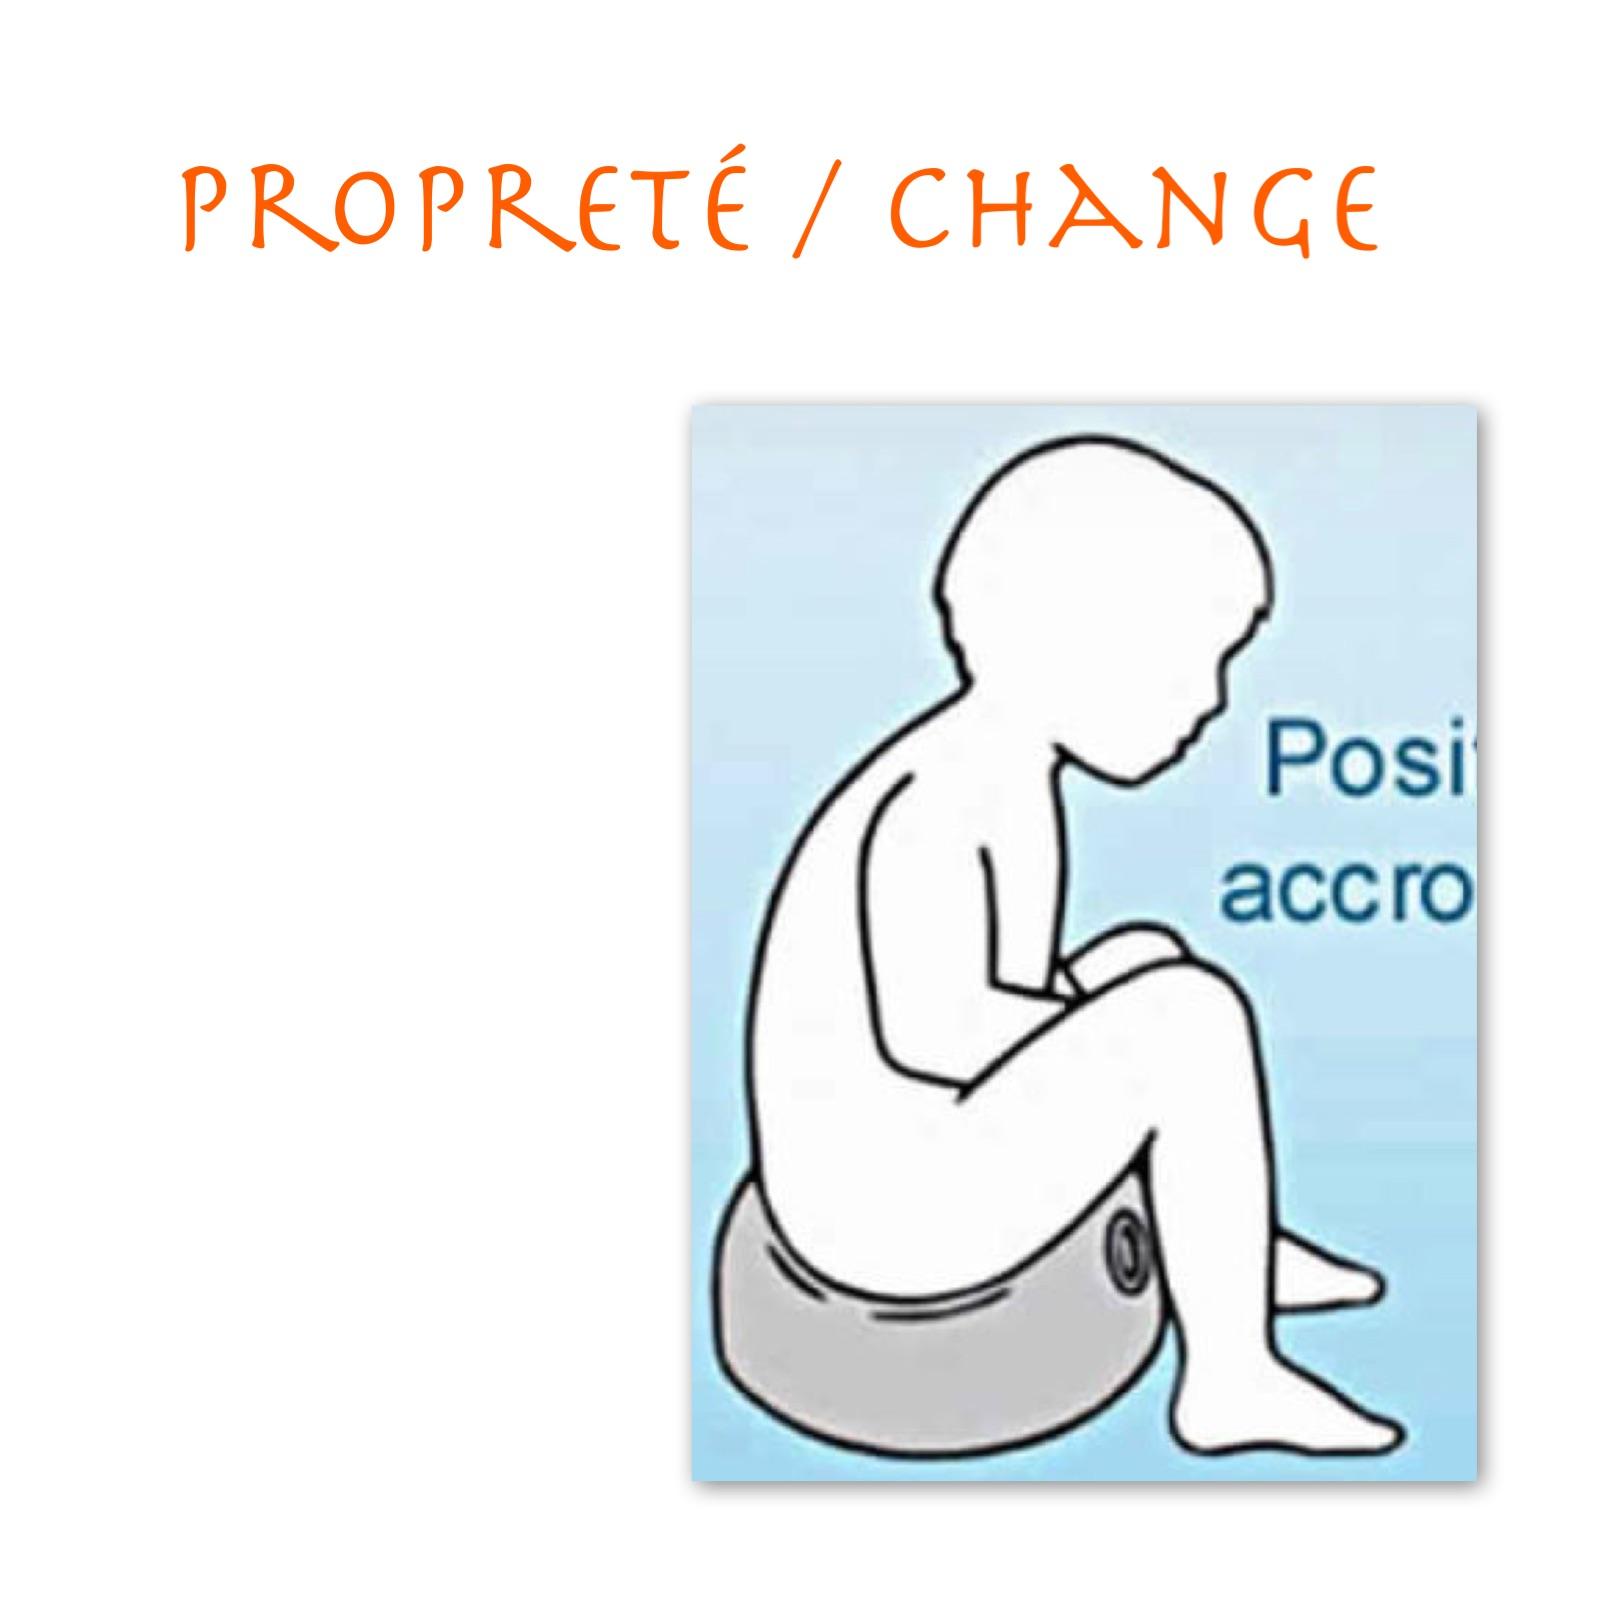 Propreté / Change